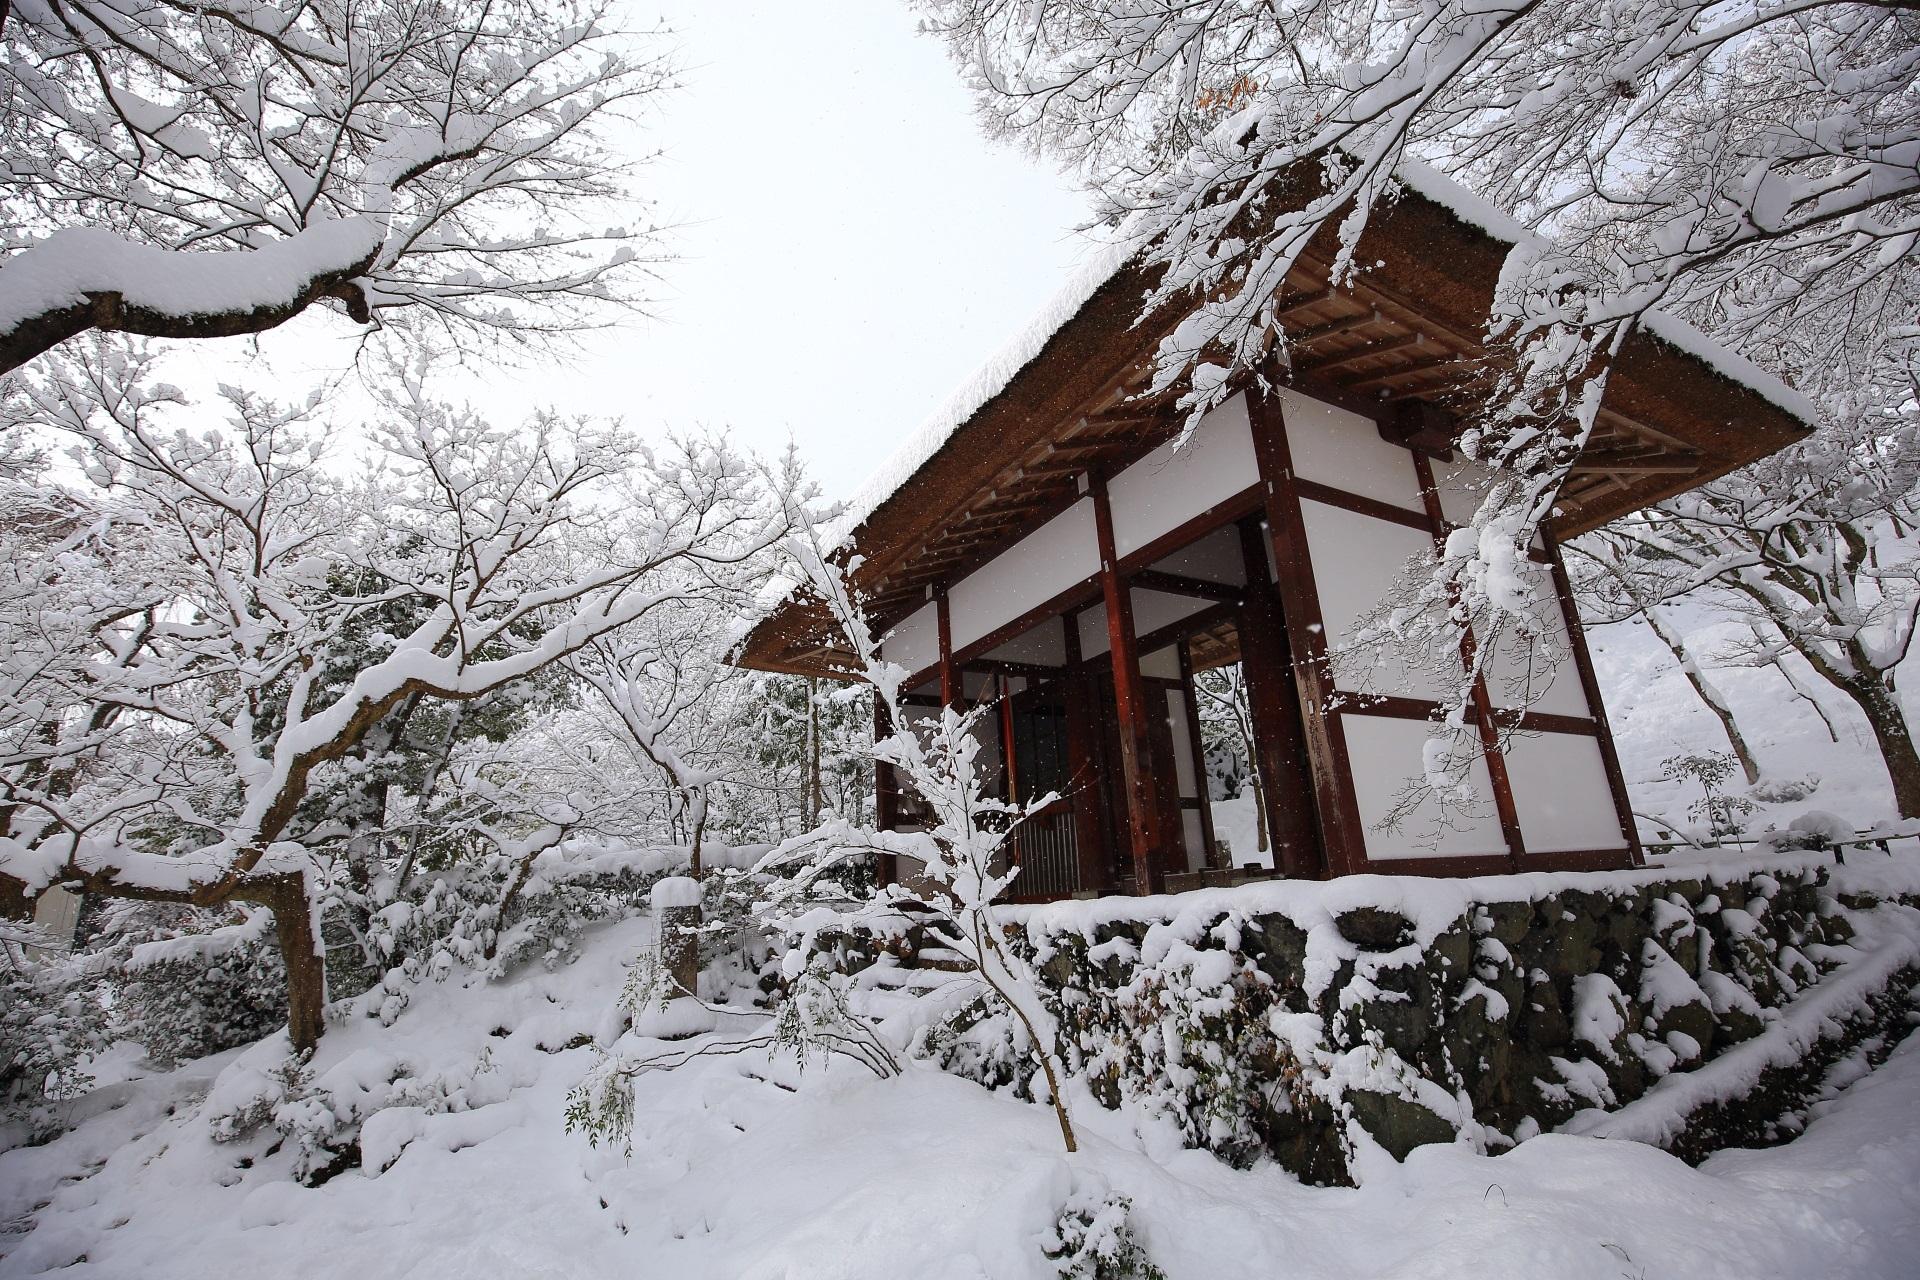 雪の積もった綺麗な山門と木々